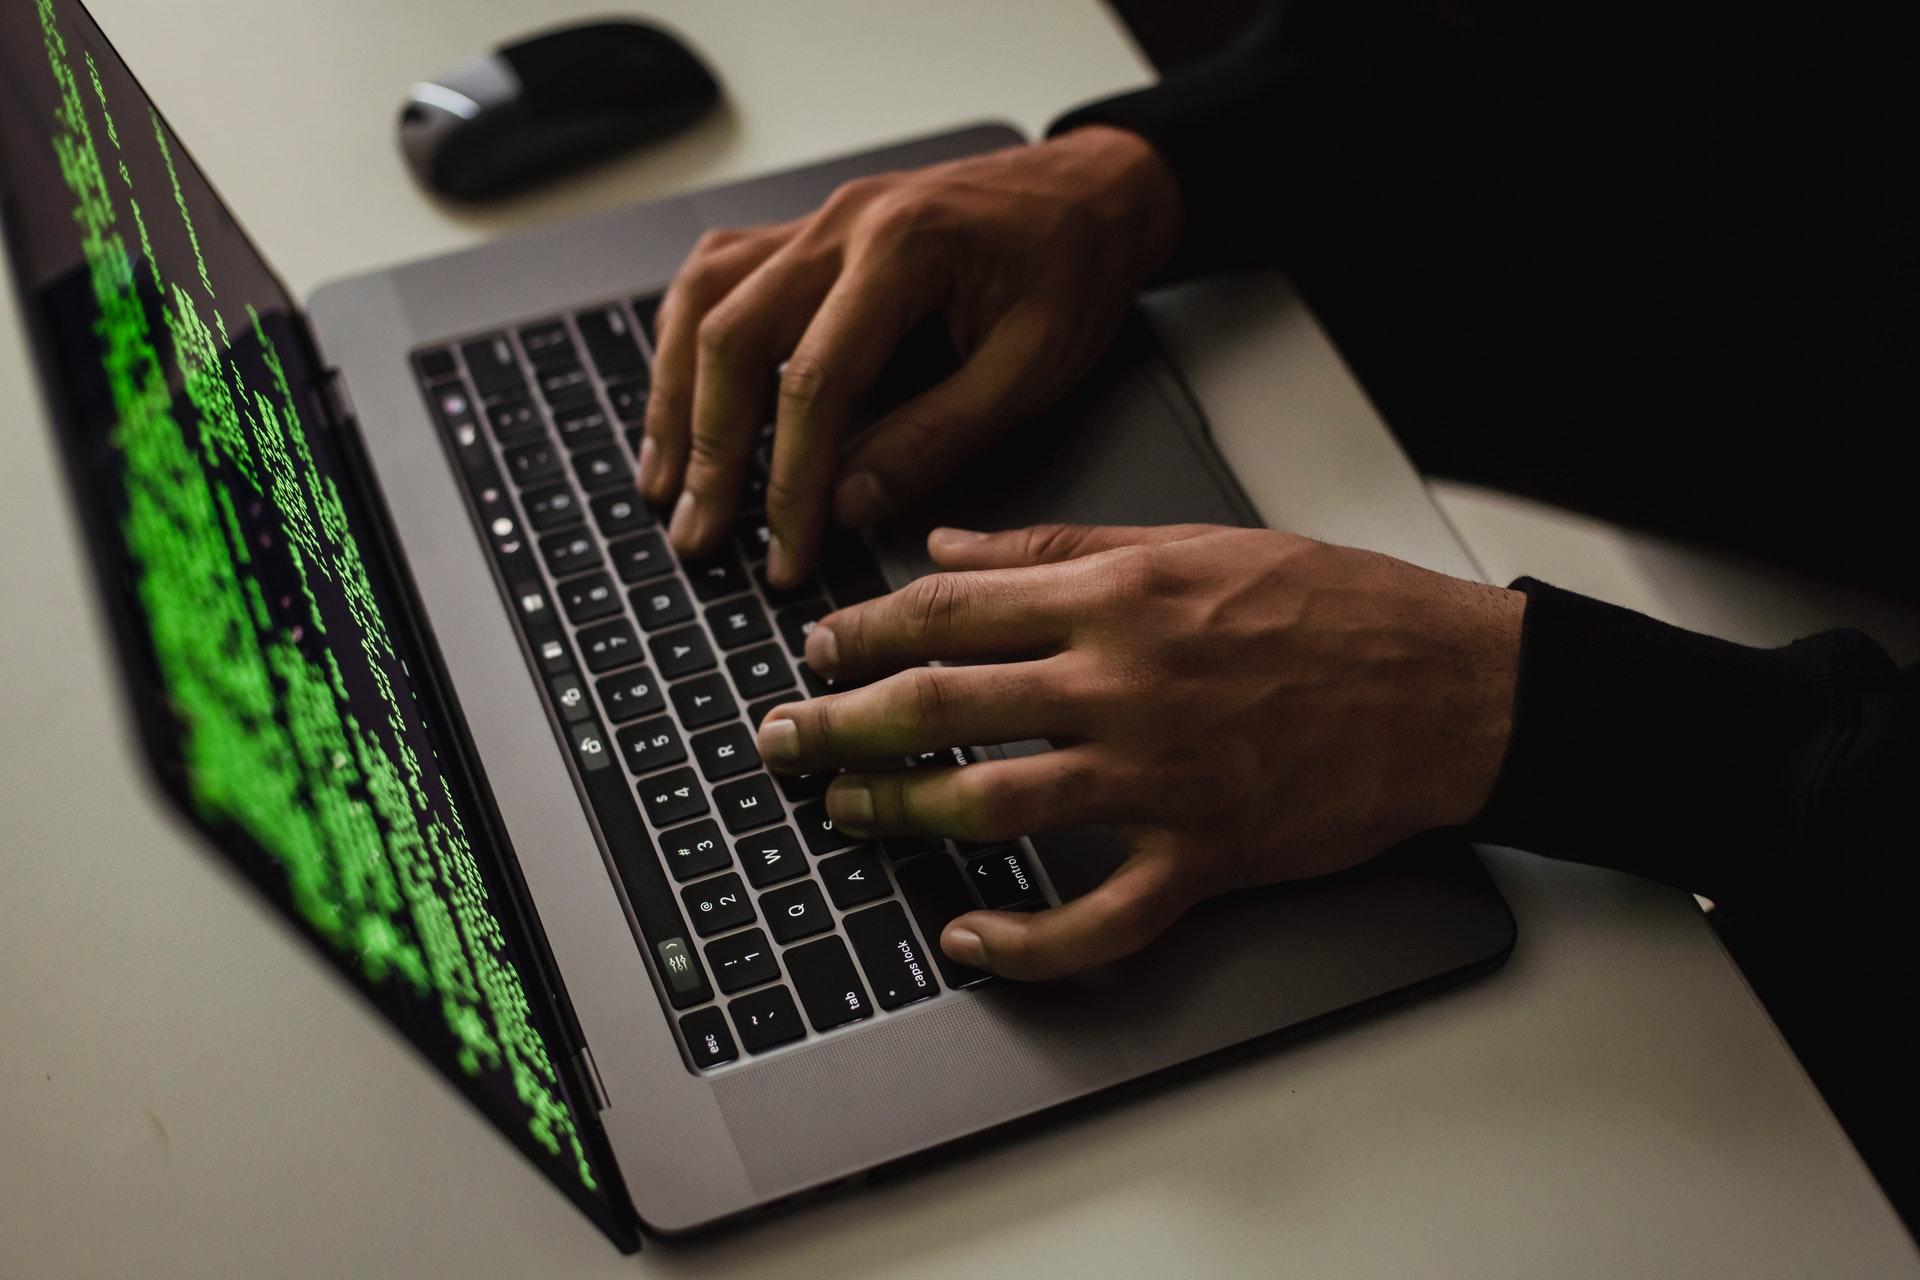 2021 So Far: The Biggest Cyber-Attacks